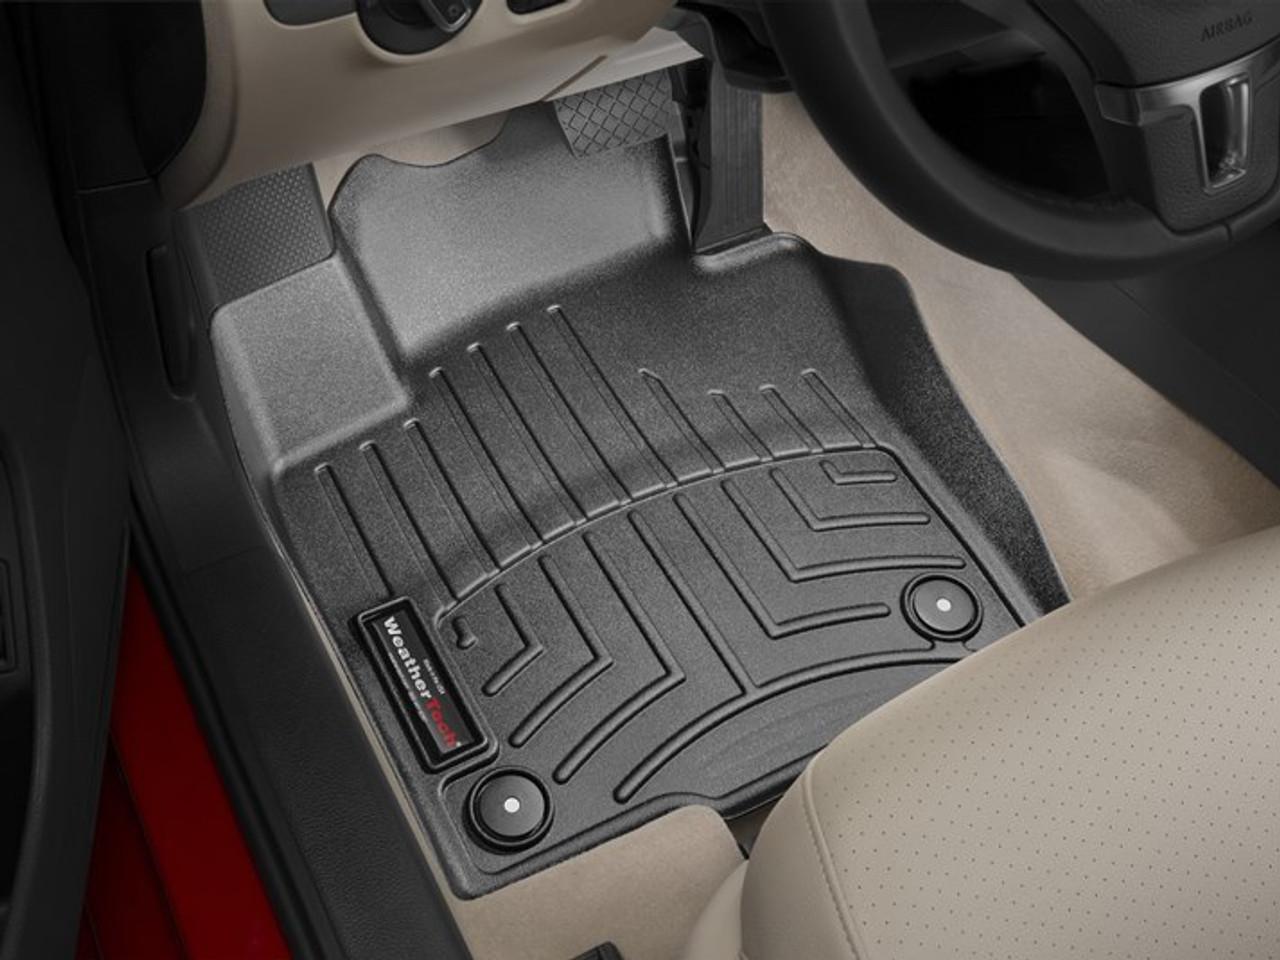 Chevrolet Lumina Sedan 1995-2001 No Sensor Carpet Dash Cover Grey